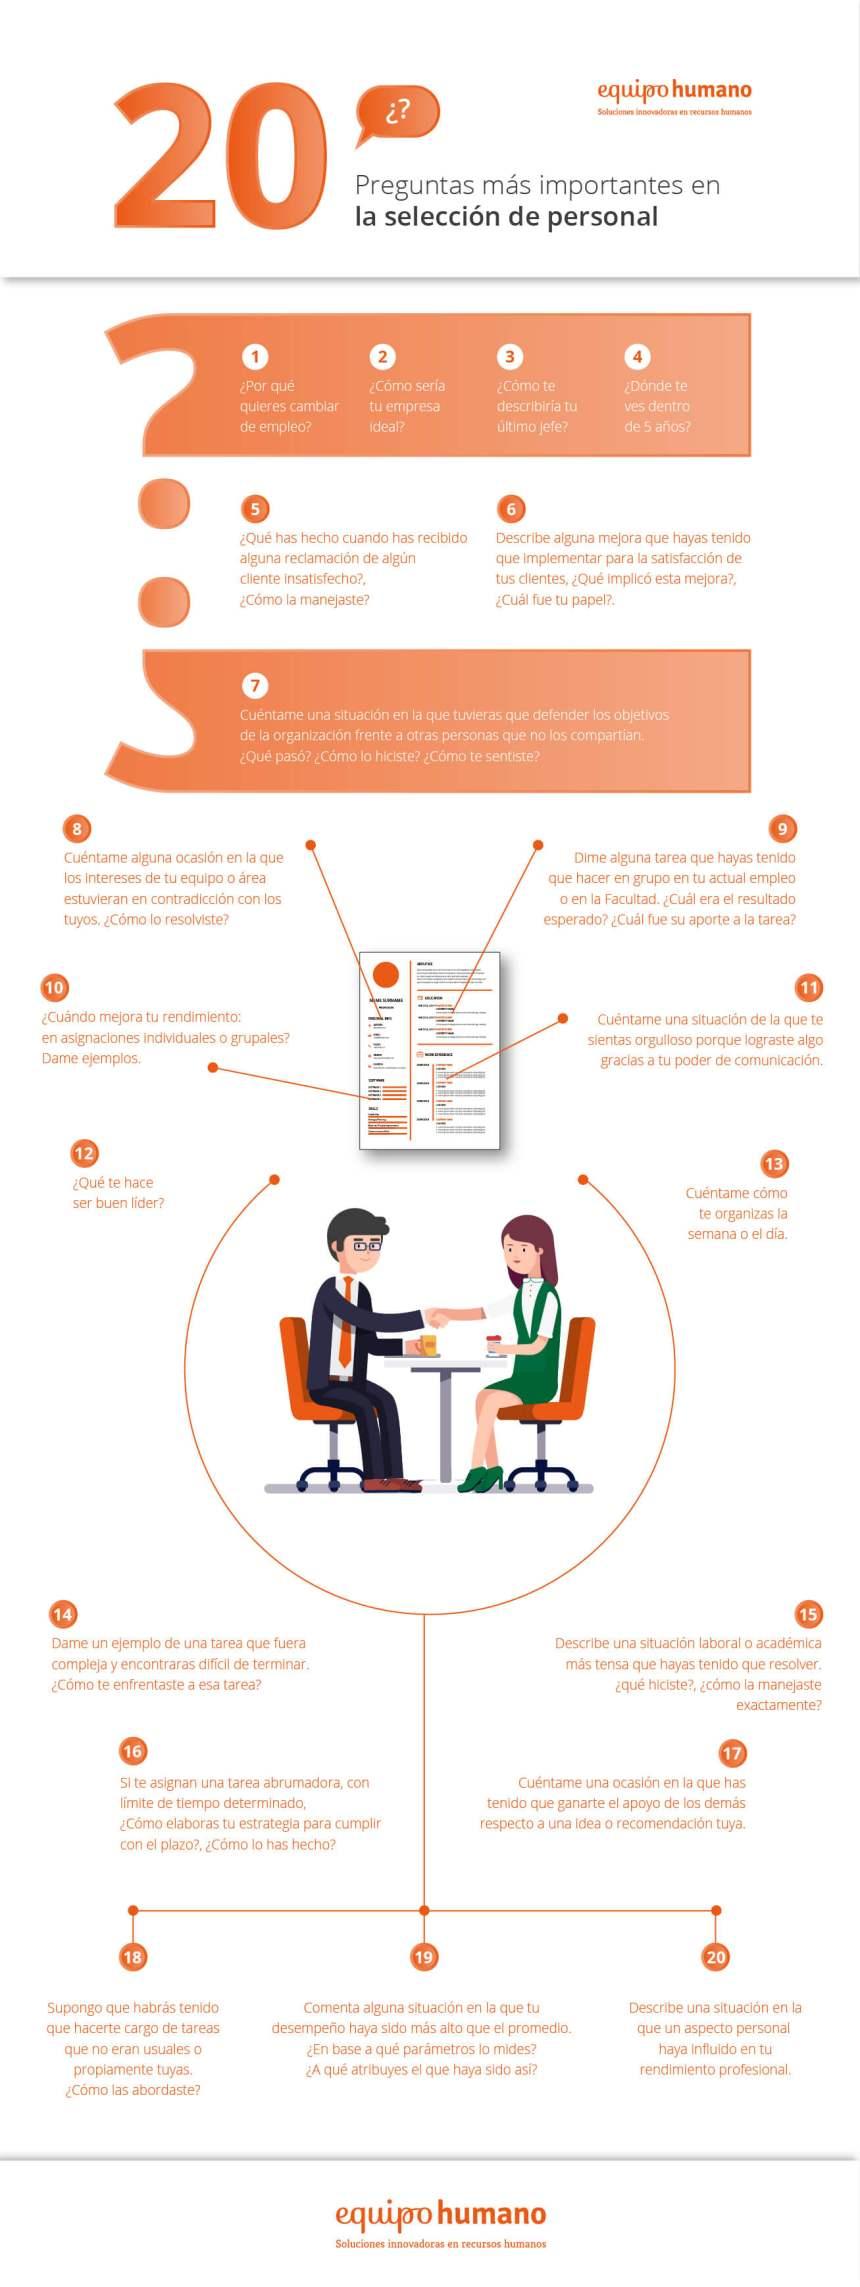 20 preguntas más importantes en la selección de personas #infografia #infographic #rrhh